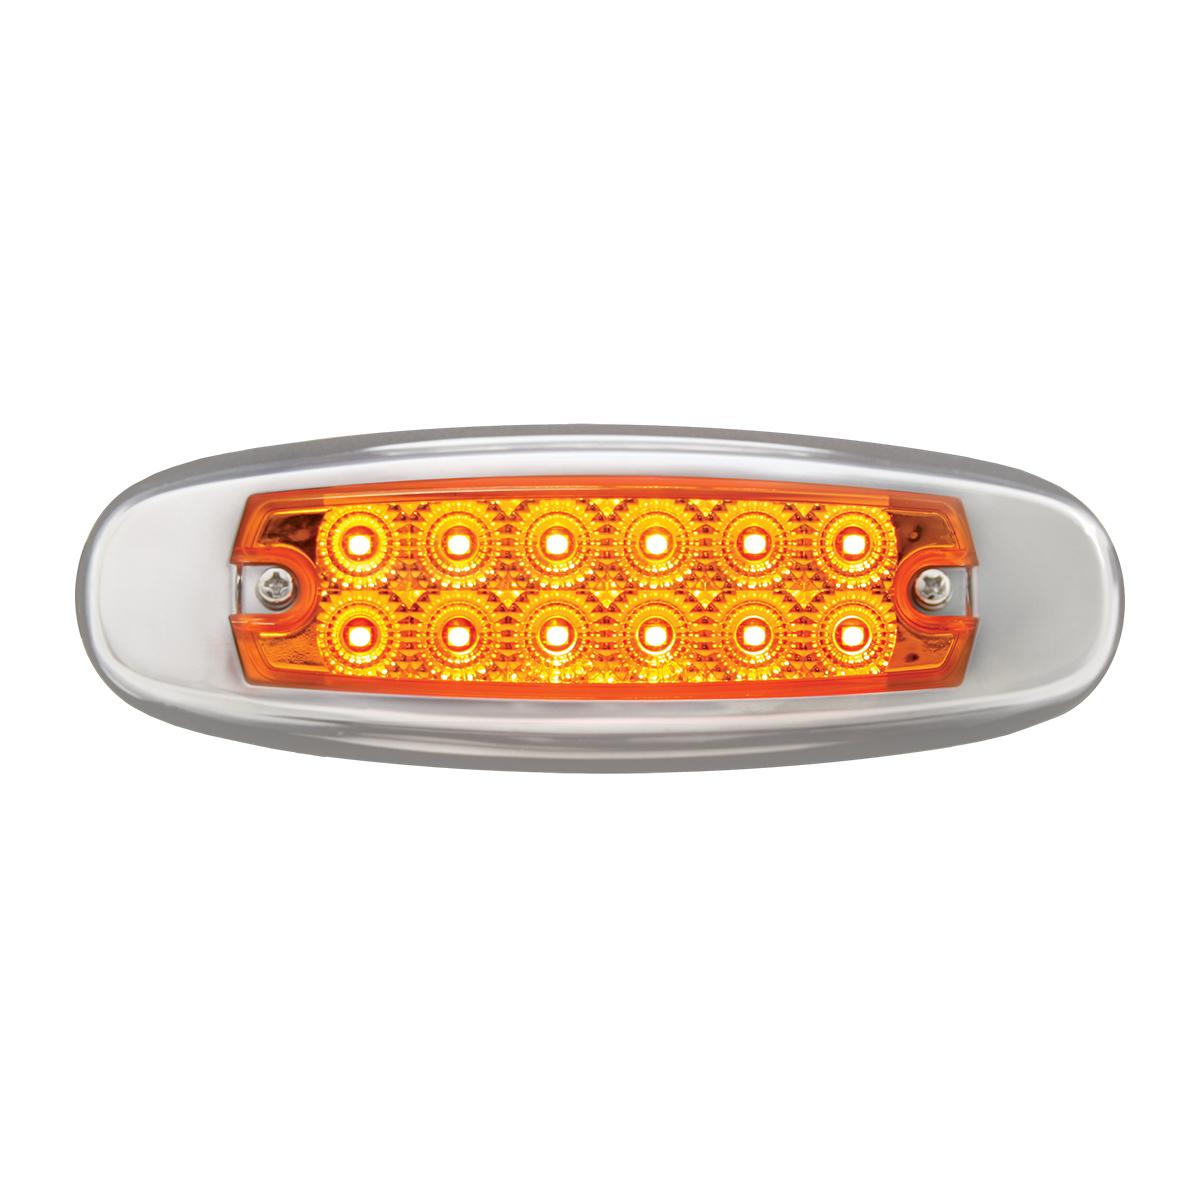 75130 24V Ultra Thin Spyder LED Marker Light w/ Stainless Steel Bezel